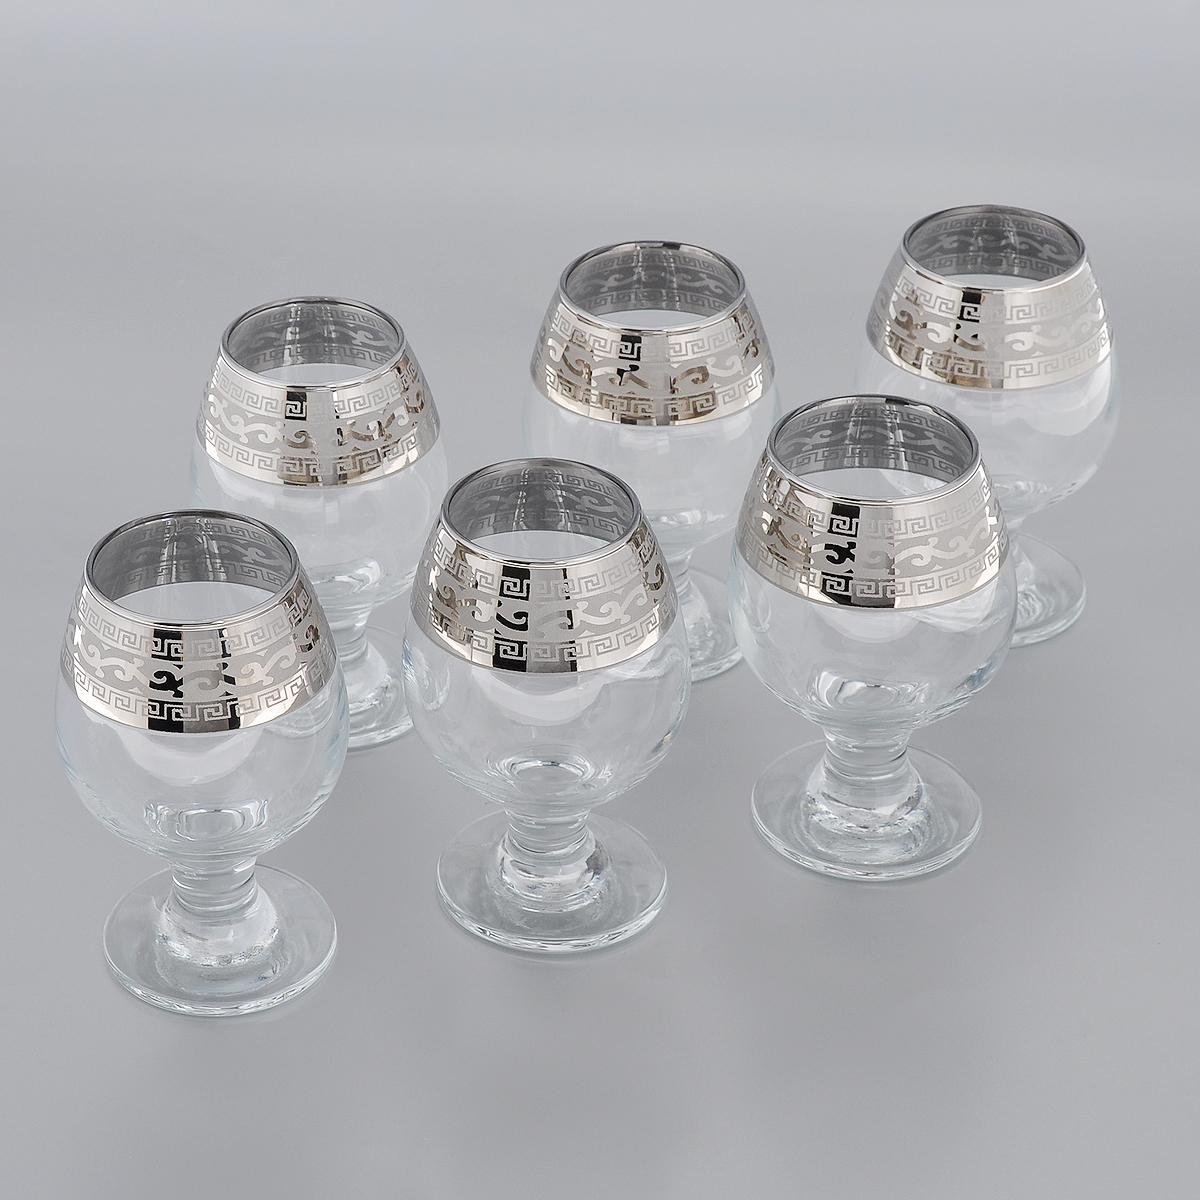 Набор фужеров для бренди Гусь-Хрустальный Версаче, 250 мл, 6 шт набор бокалов для бренди гусь хрустальный версаче 400 мл 6 шт